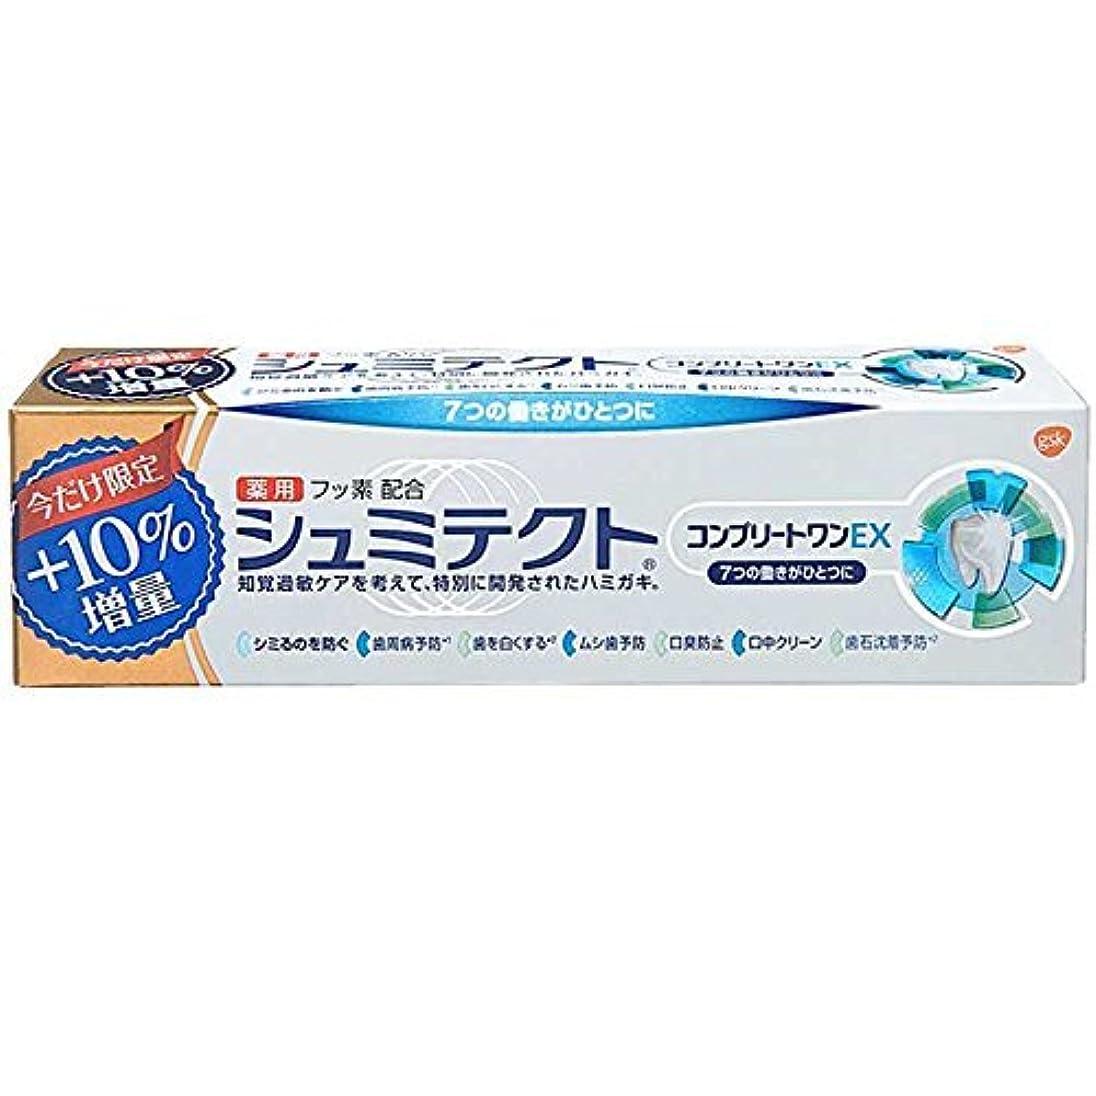 水素便宜予約薬用シュミテクトコンプリートワンEX増量99g